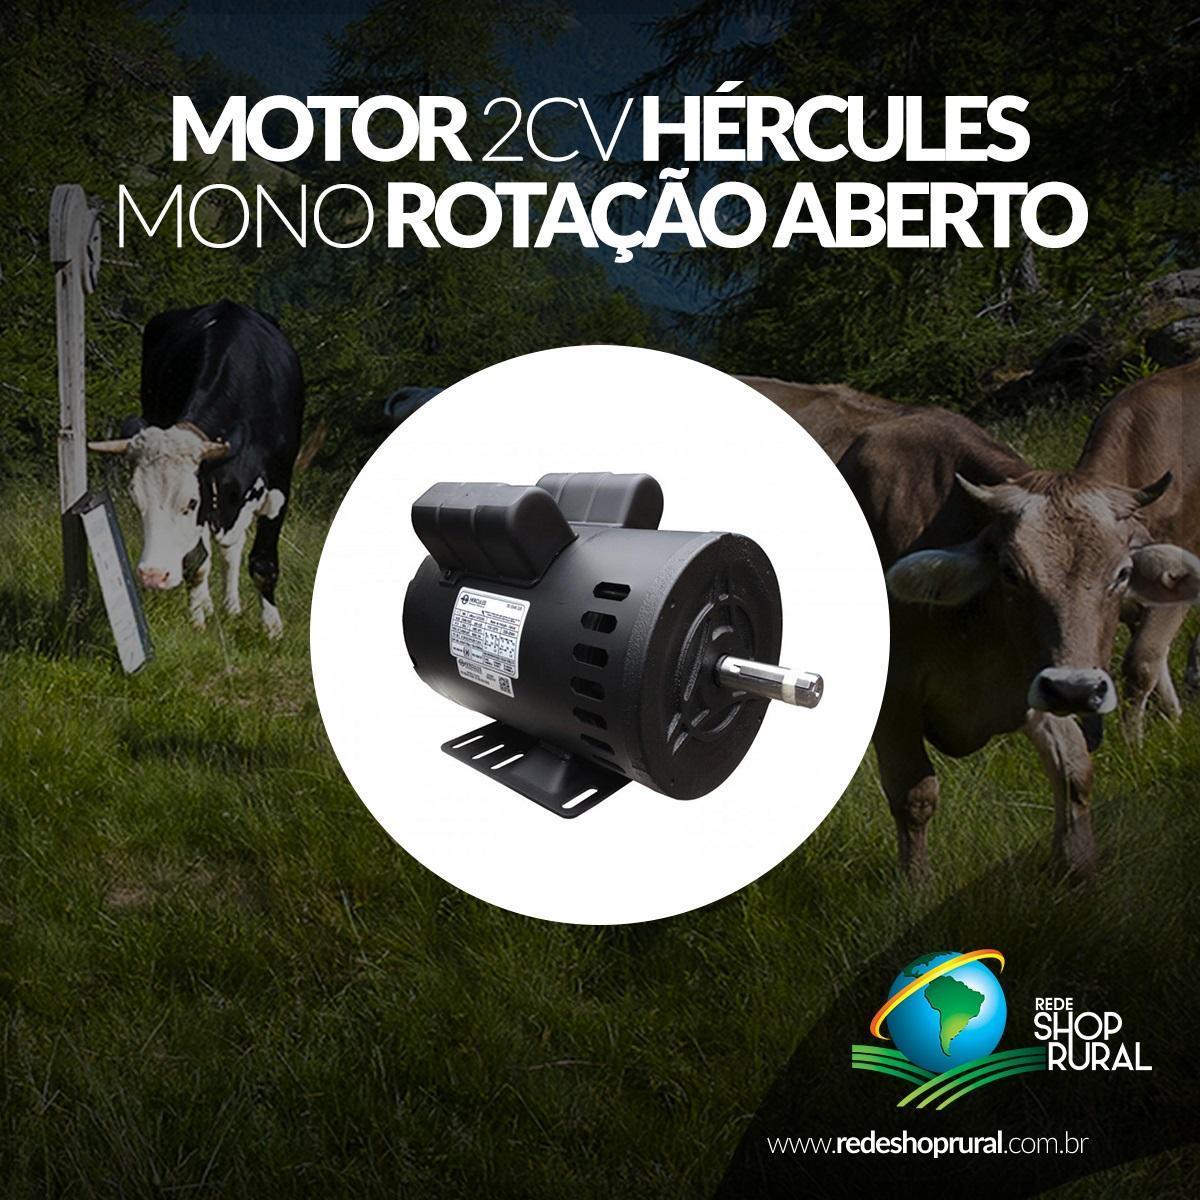 Motor 2cv Hércules Mono Bx Rotação Aberto